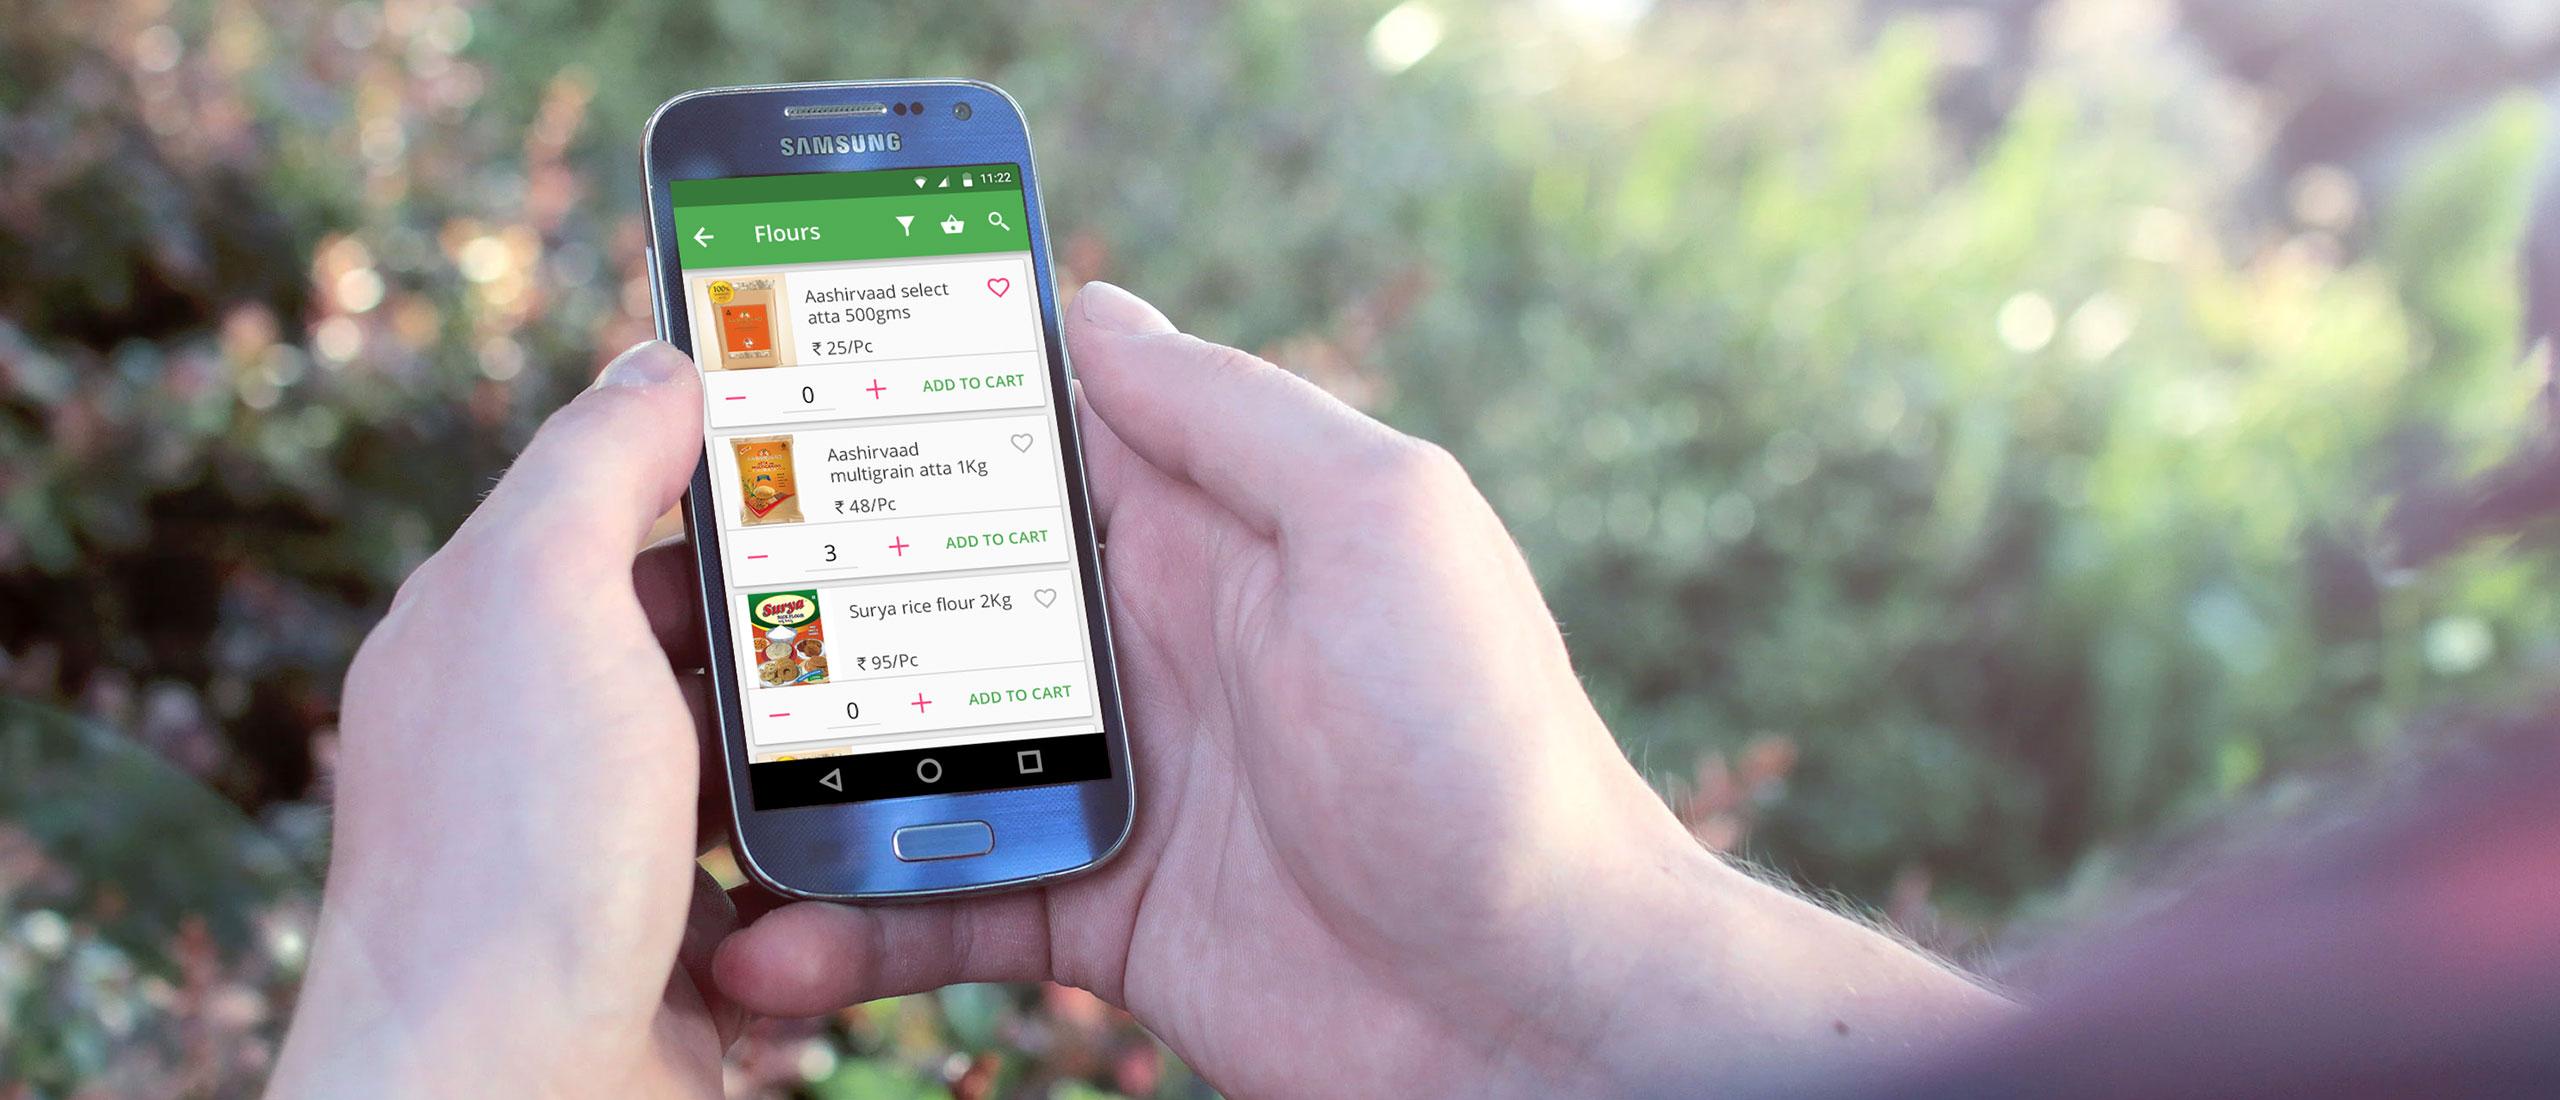 Weekly Groceries Mobile App